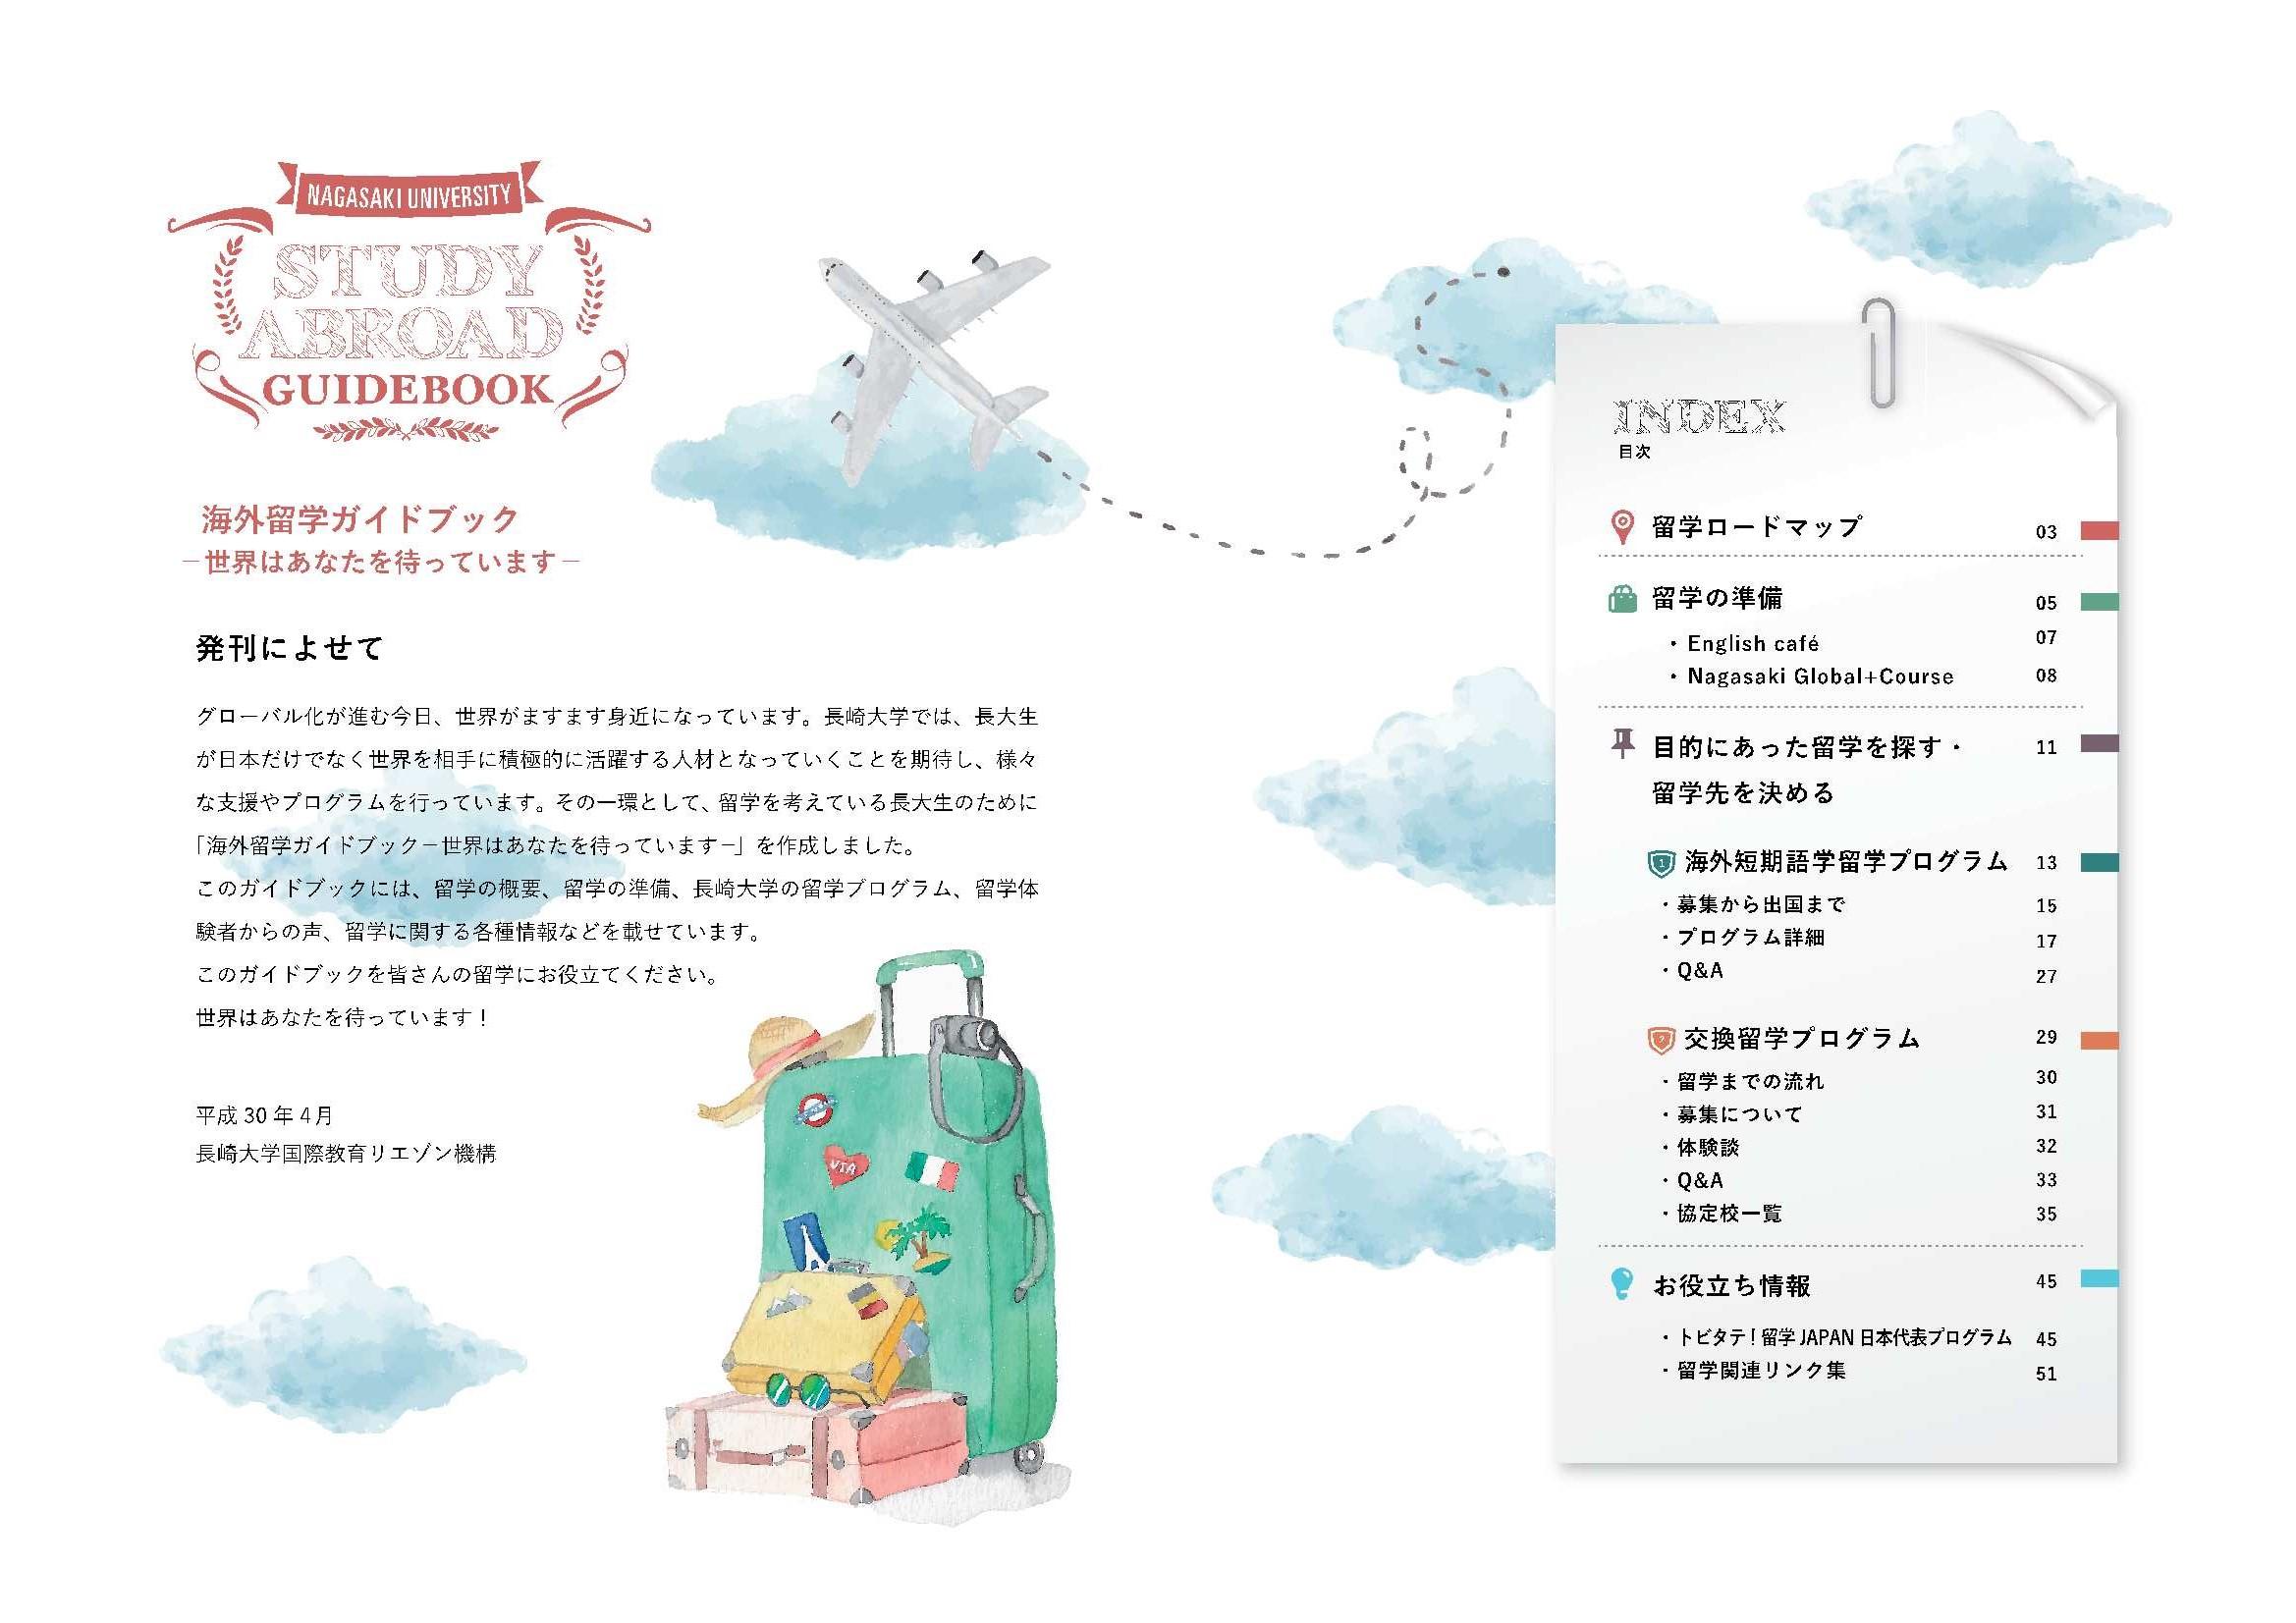 kaigai_guidebook